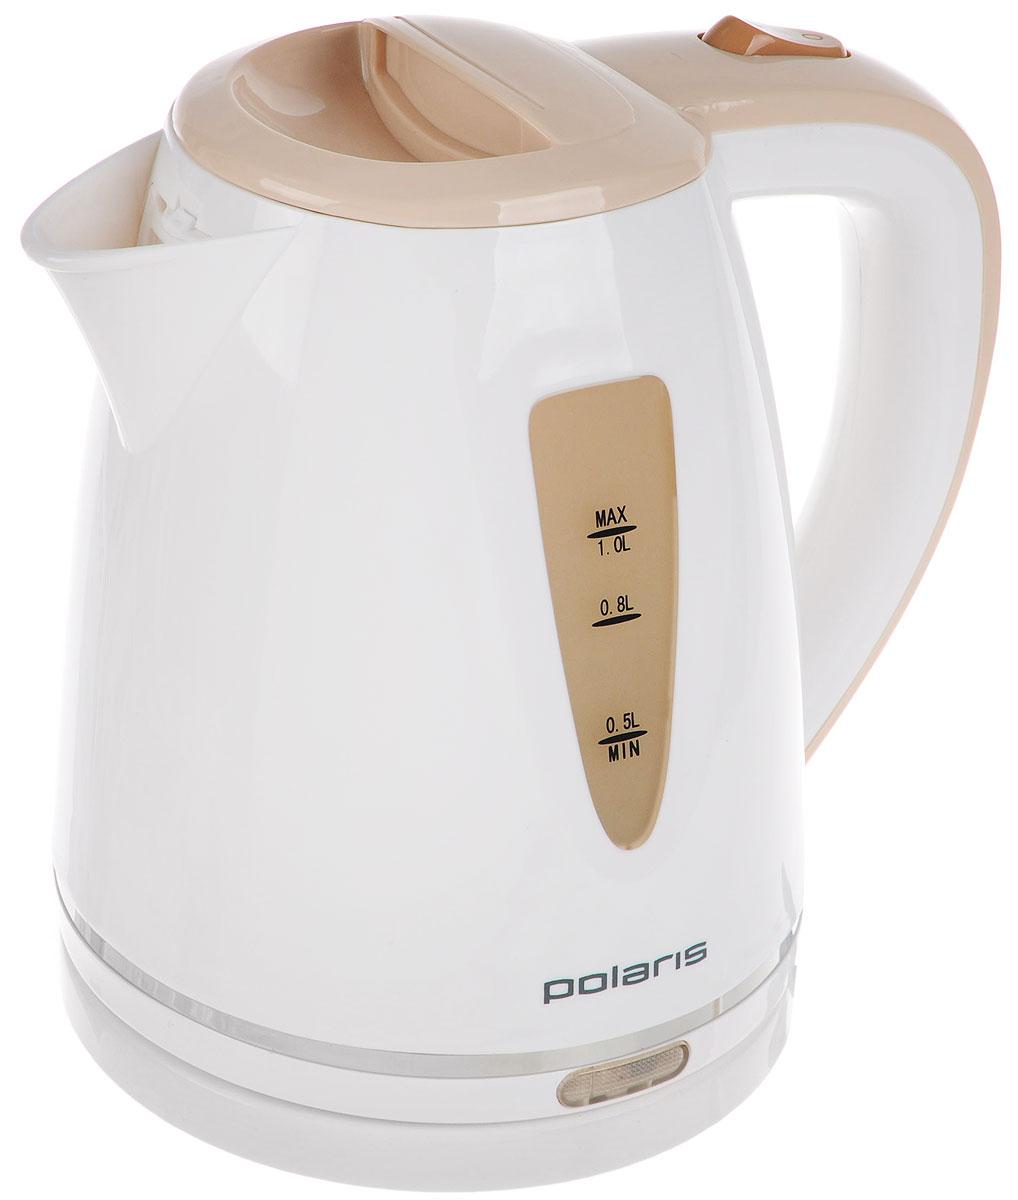 Polaris PWK 1038C, White Beige электрический чайникPWK 1038CPolaris PWK 1038C - компактный и недорогой электрический чайник, выполненный из качественного пластика. Он устанавливается на подставку-базу с электро-разъёмом и может вращаться на ней на 360°, что удобно при его эксплуатации. Чайник оснащен индикаторной лампочкой, двусторонней шкалой уровня воды, и функцией автоматического выключения при закипании и снятии с подставки. А функция защиты от перегрева делает его абсолютно безопасным в быту. Съемный фильтр позволит без труда промыть его от накипи.